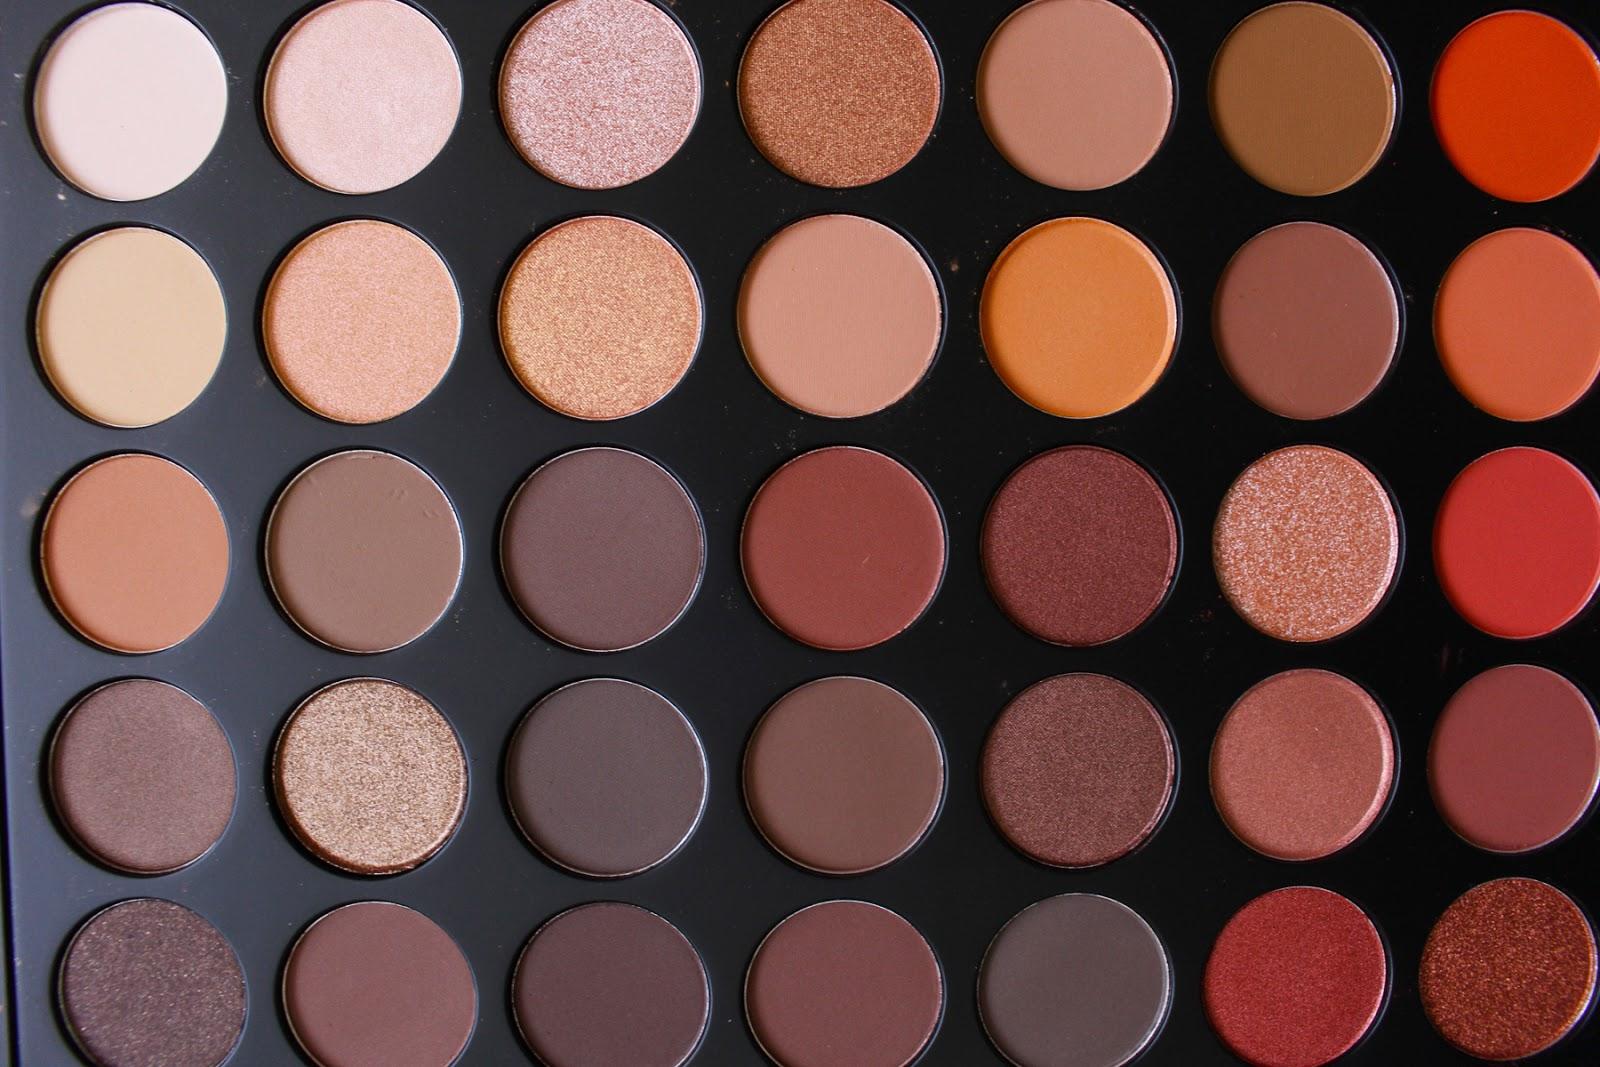 morphe brushes 35o palette